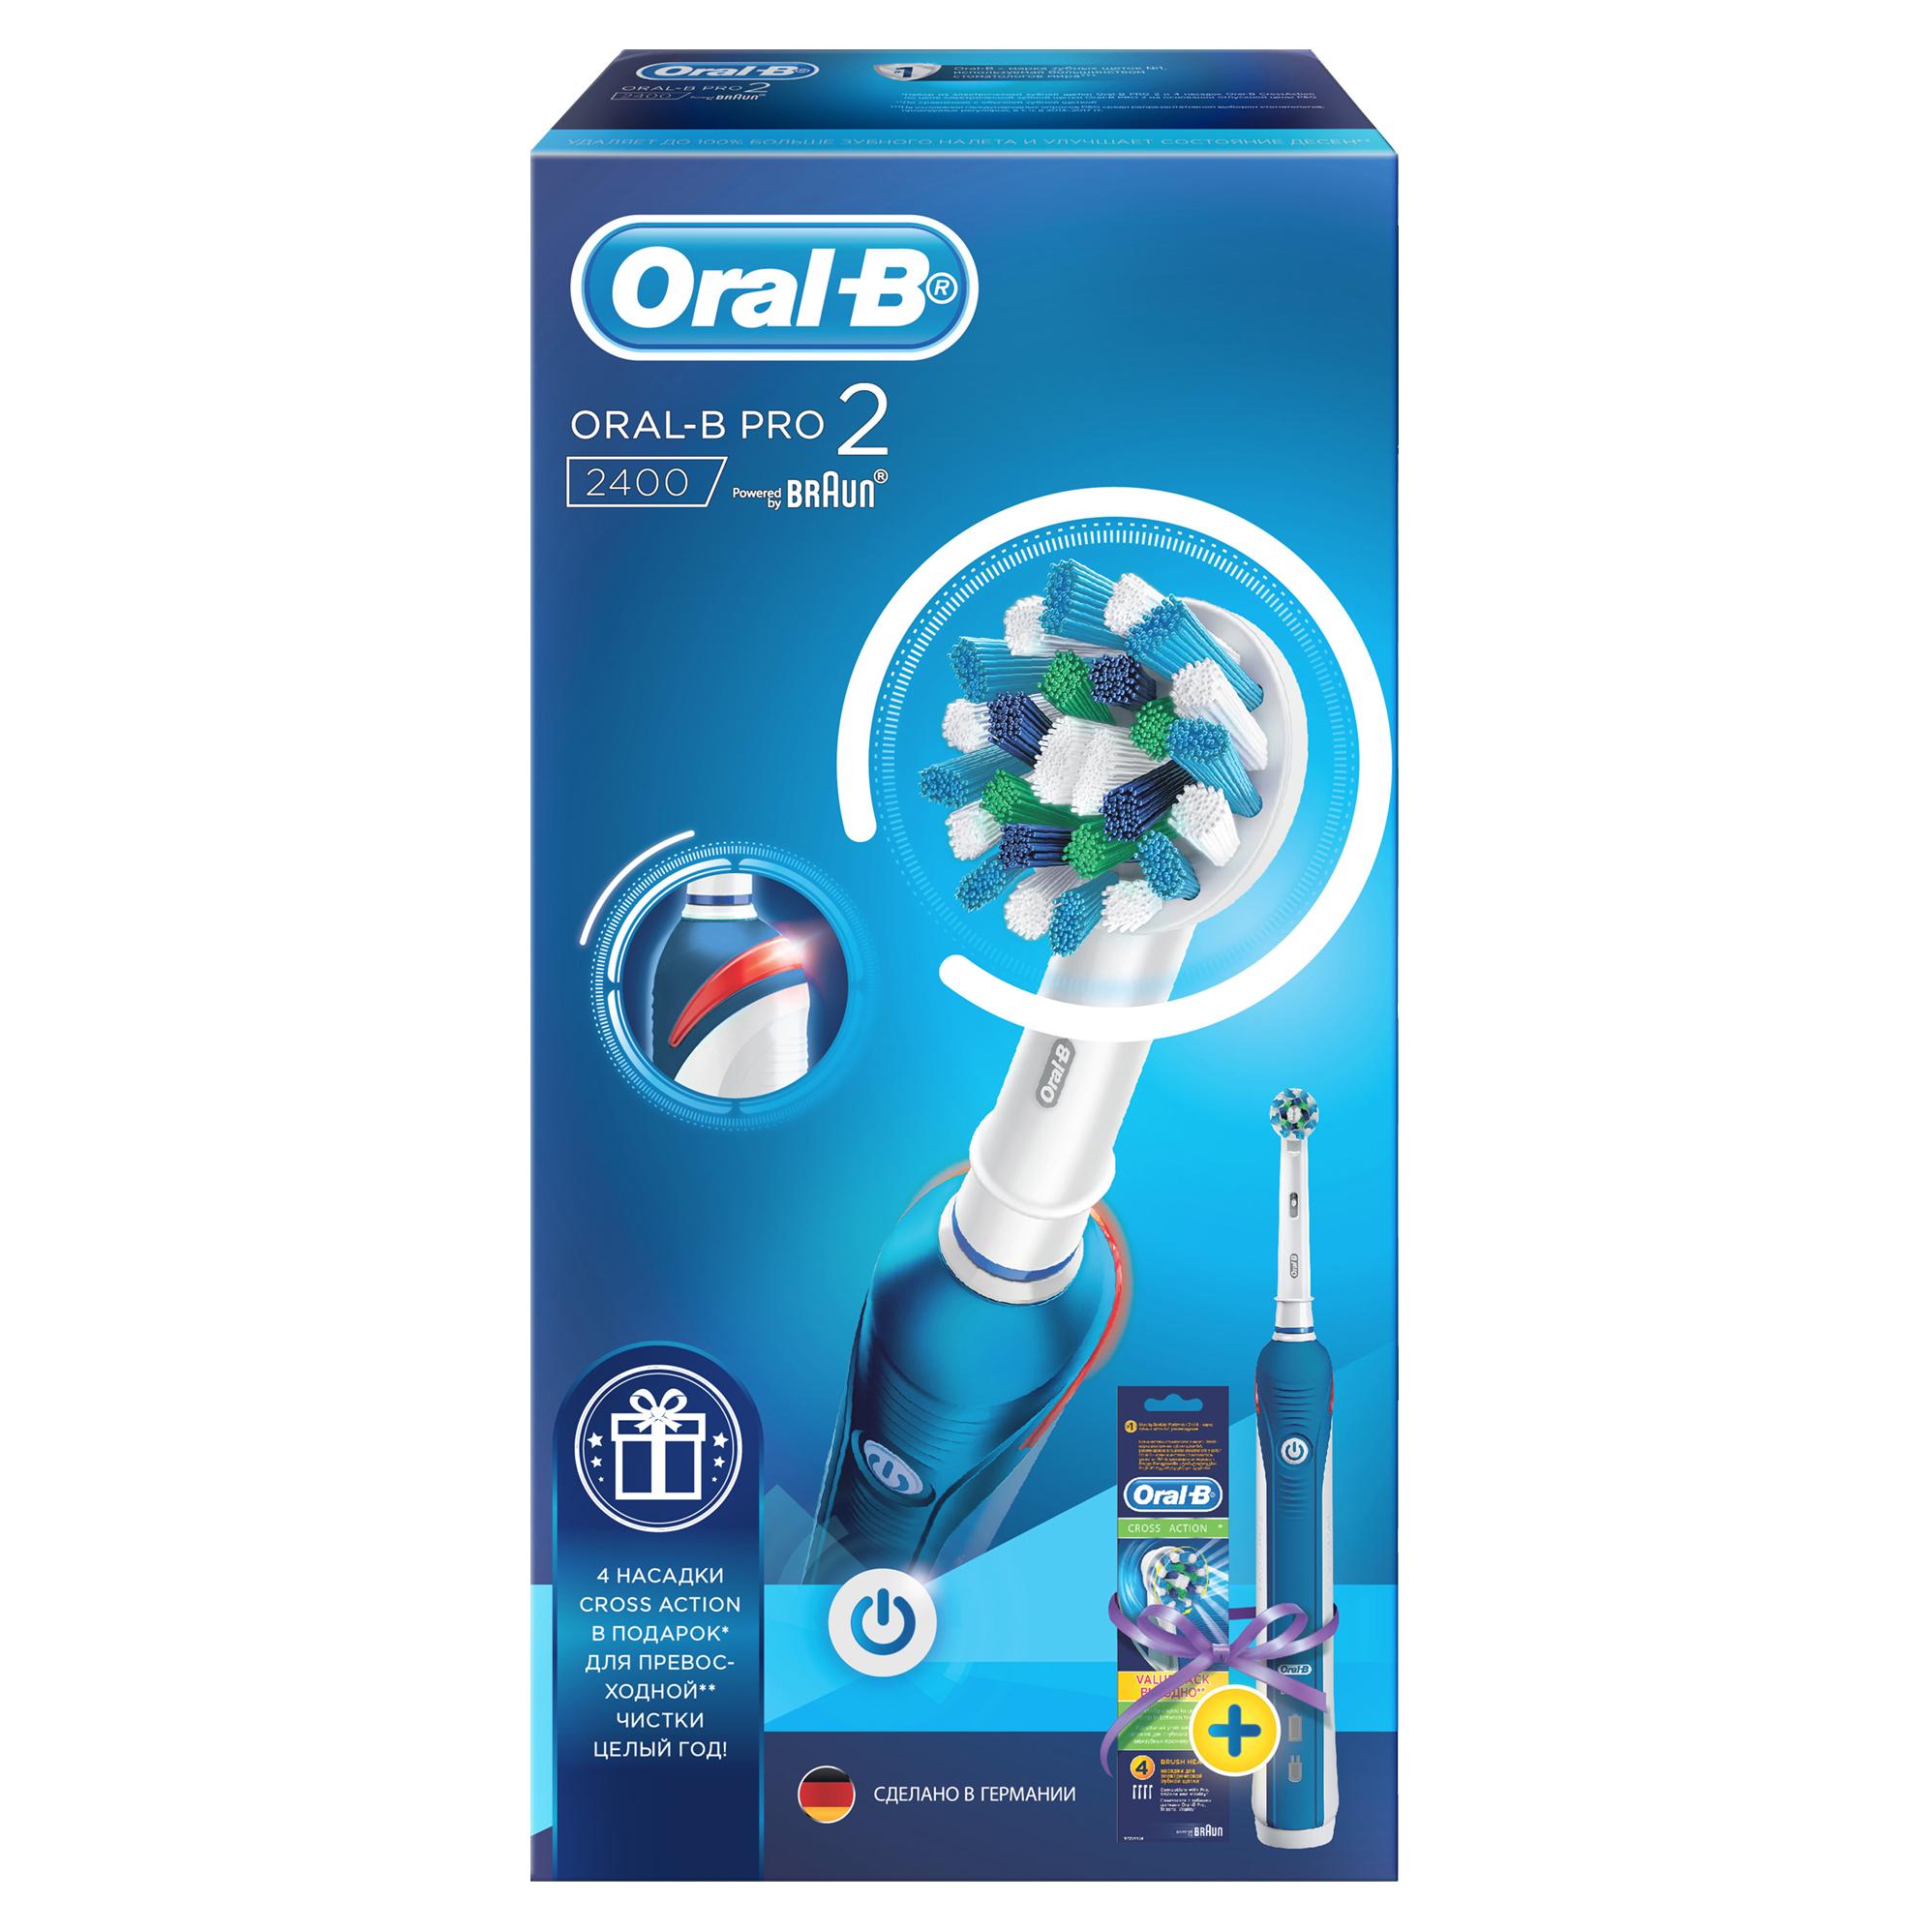 Электрическая зубная щетка Braun Oral-B Pro 2400/D501.513.2 + EB50 CrossAction, 4 шт фото